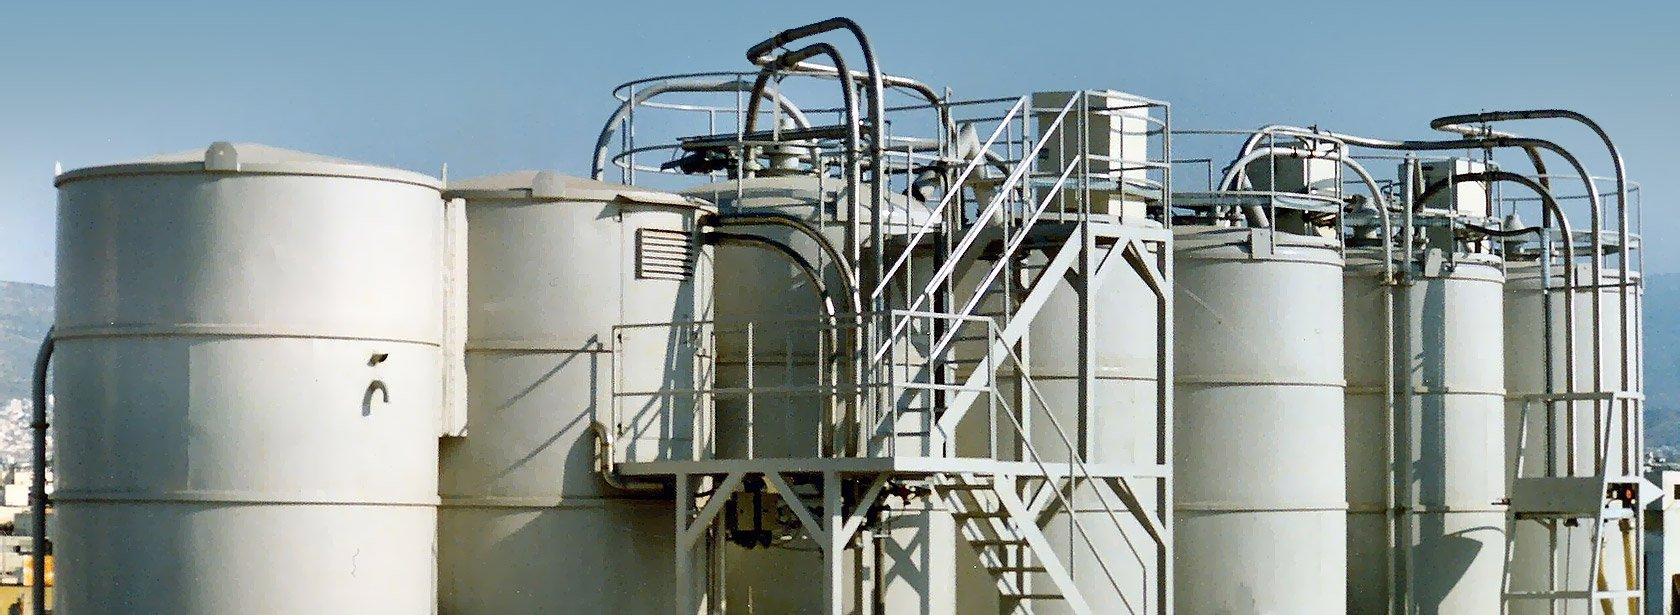 Vraykos bulk materials storing systems & bulk material handling systems